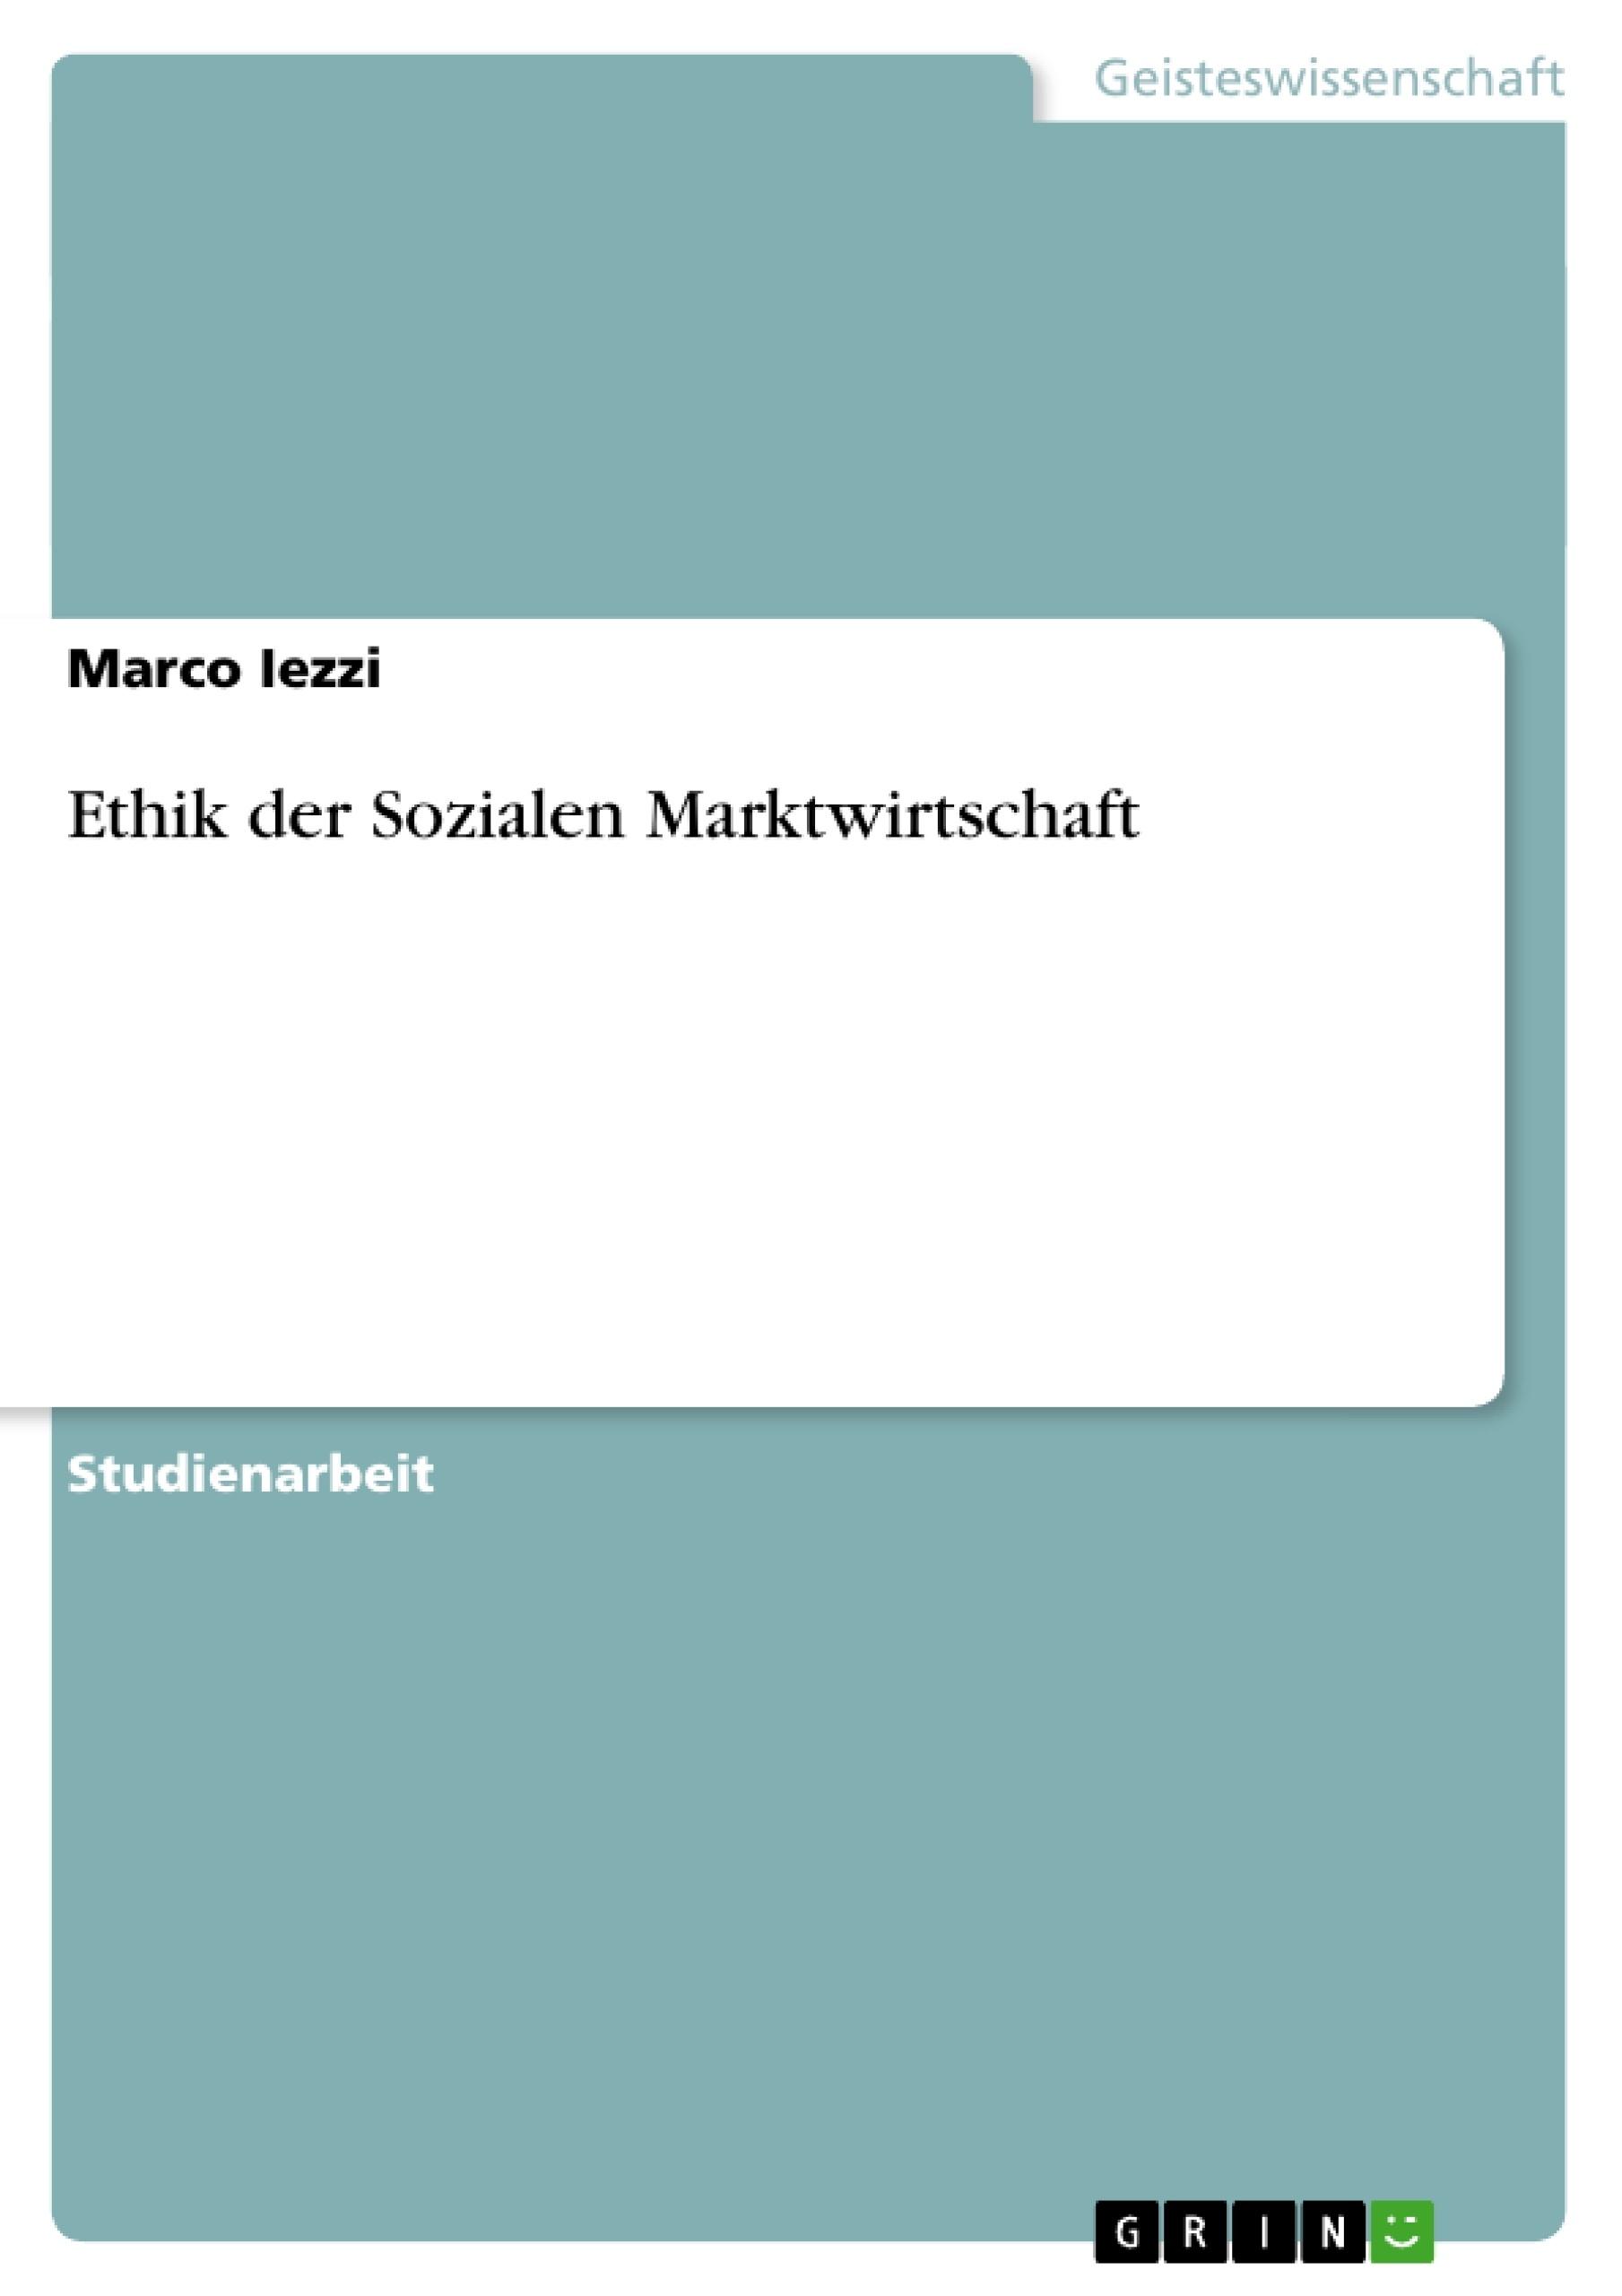 Titel: Ethik der Sozialen Marktwirtschaft